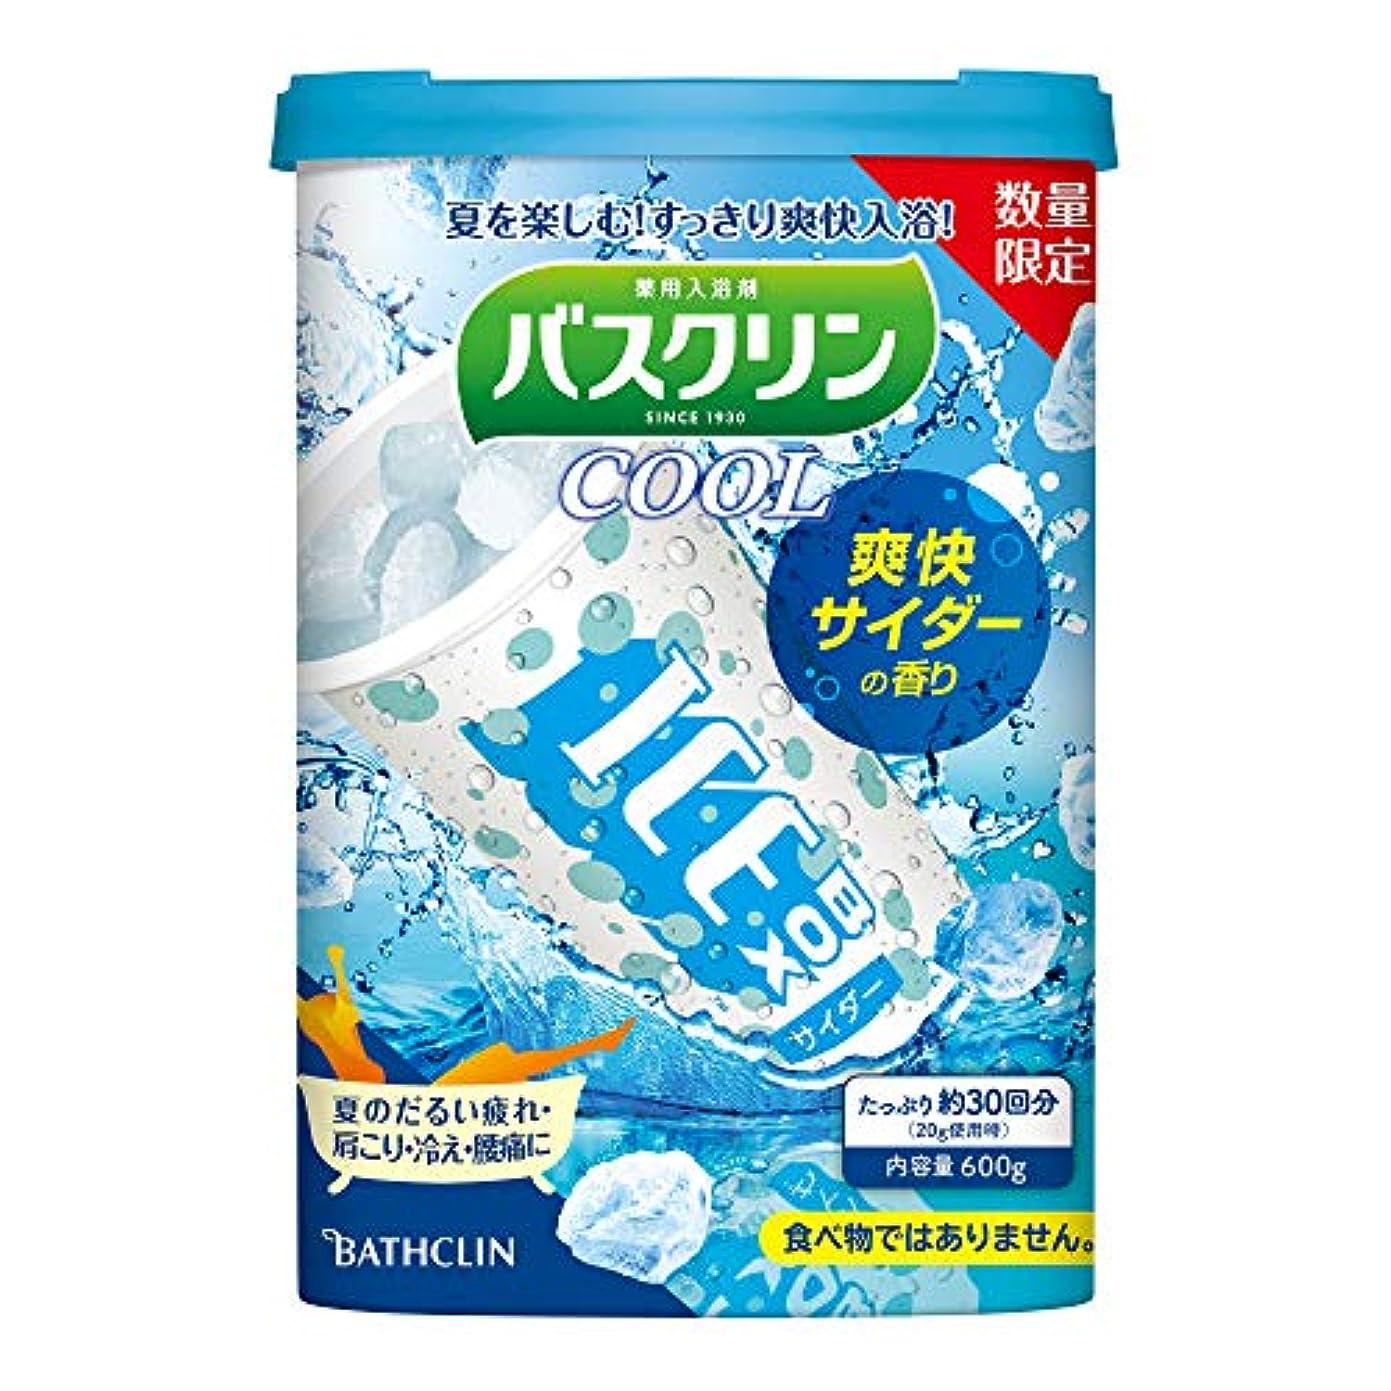 カスタムペルソナに応じて【医薬部外品/数量限定品】バスクリンクール入浴剤 ICEBOX爽快サイダーの香り 600g(約30回分) クール入浴剤 すっきりさわやか